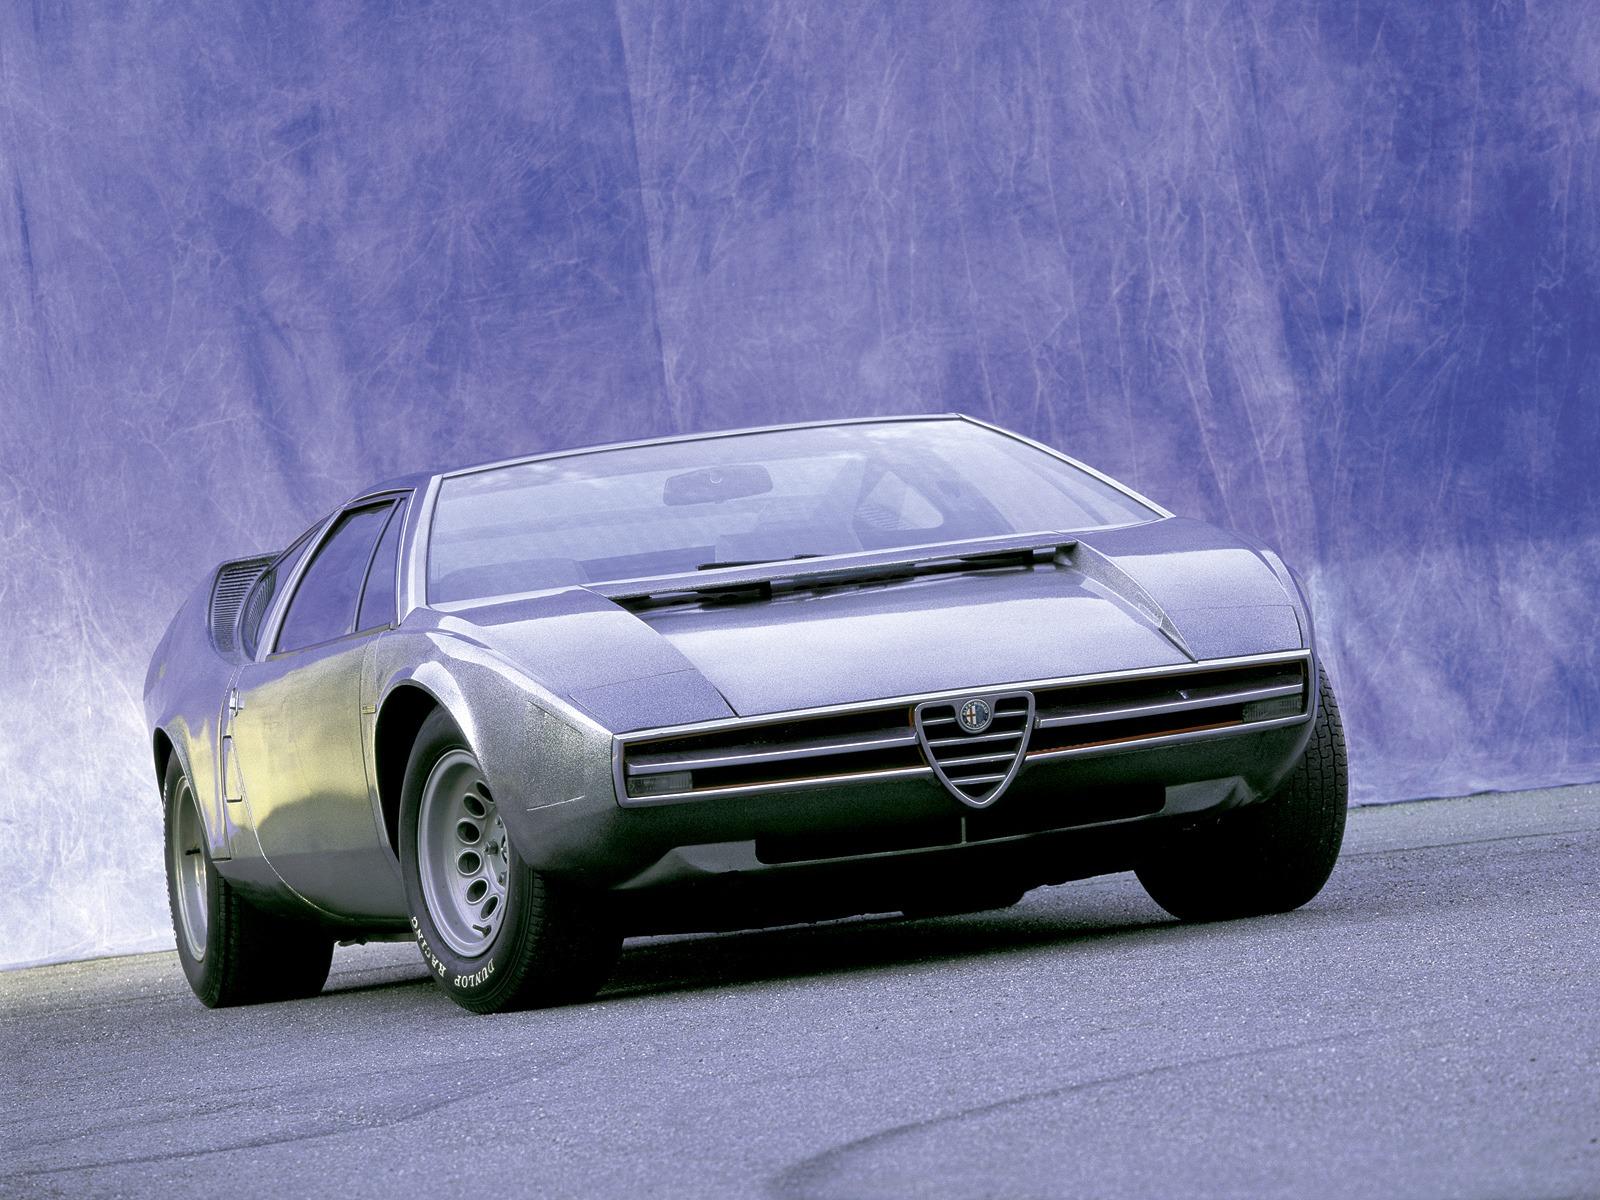 Alfa Romeo Iguana Italdesign Concept Car